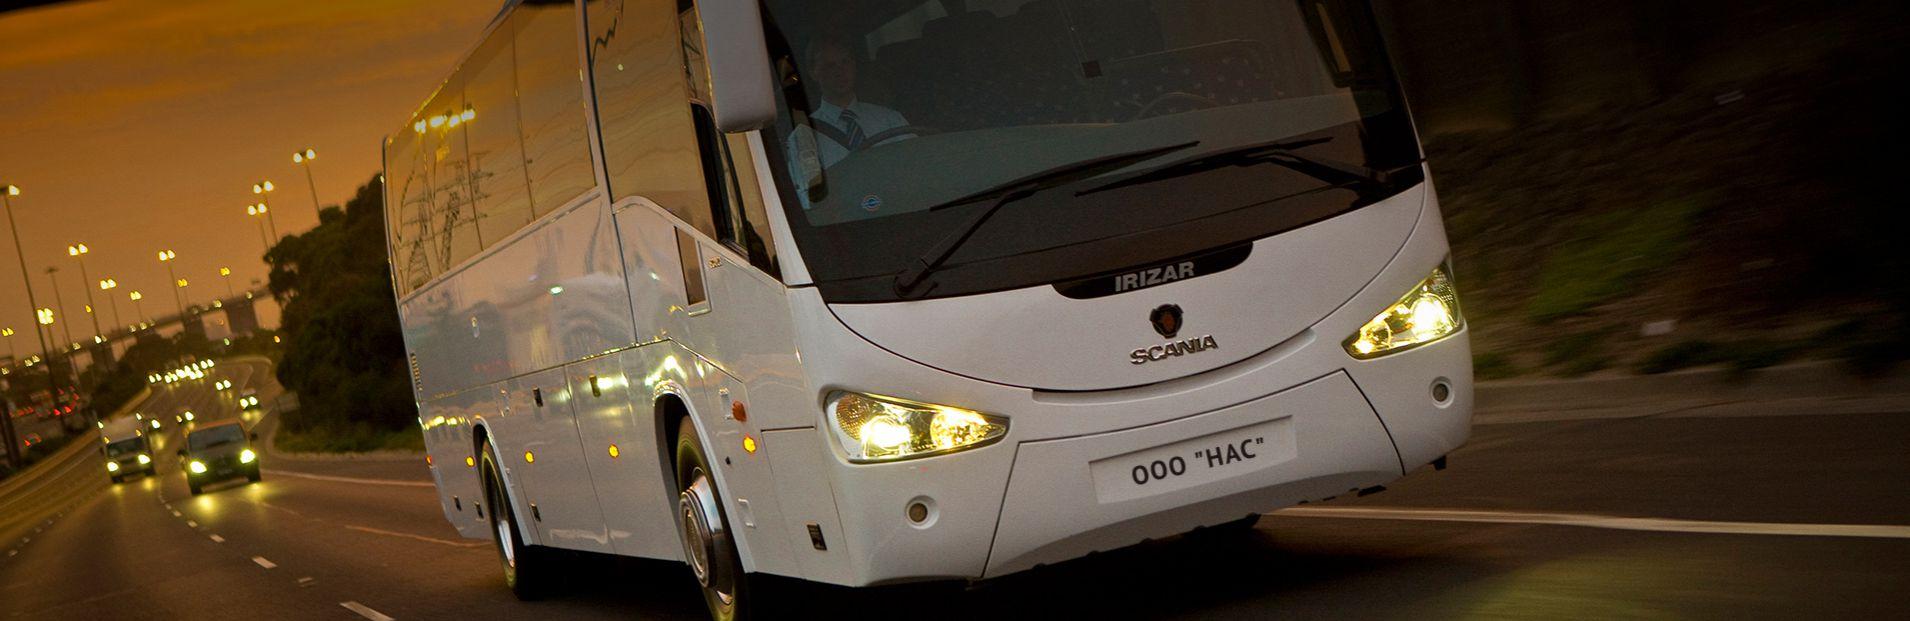 Пассажирские перевозки, аренда автобусов по Нижнему Новгороду, области и России